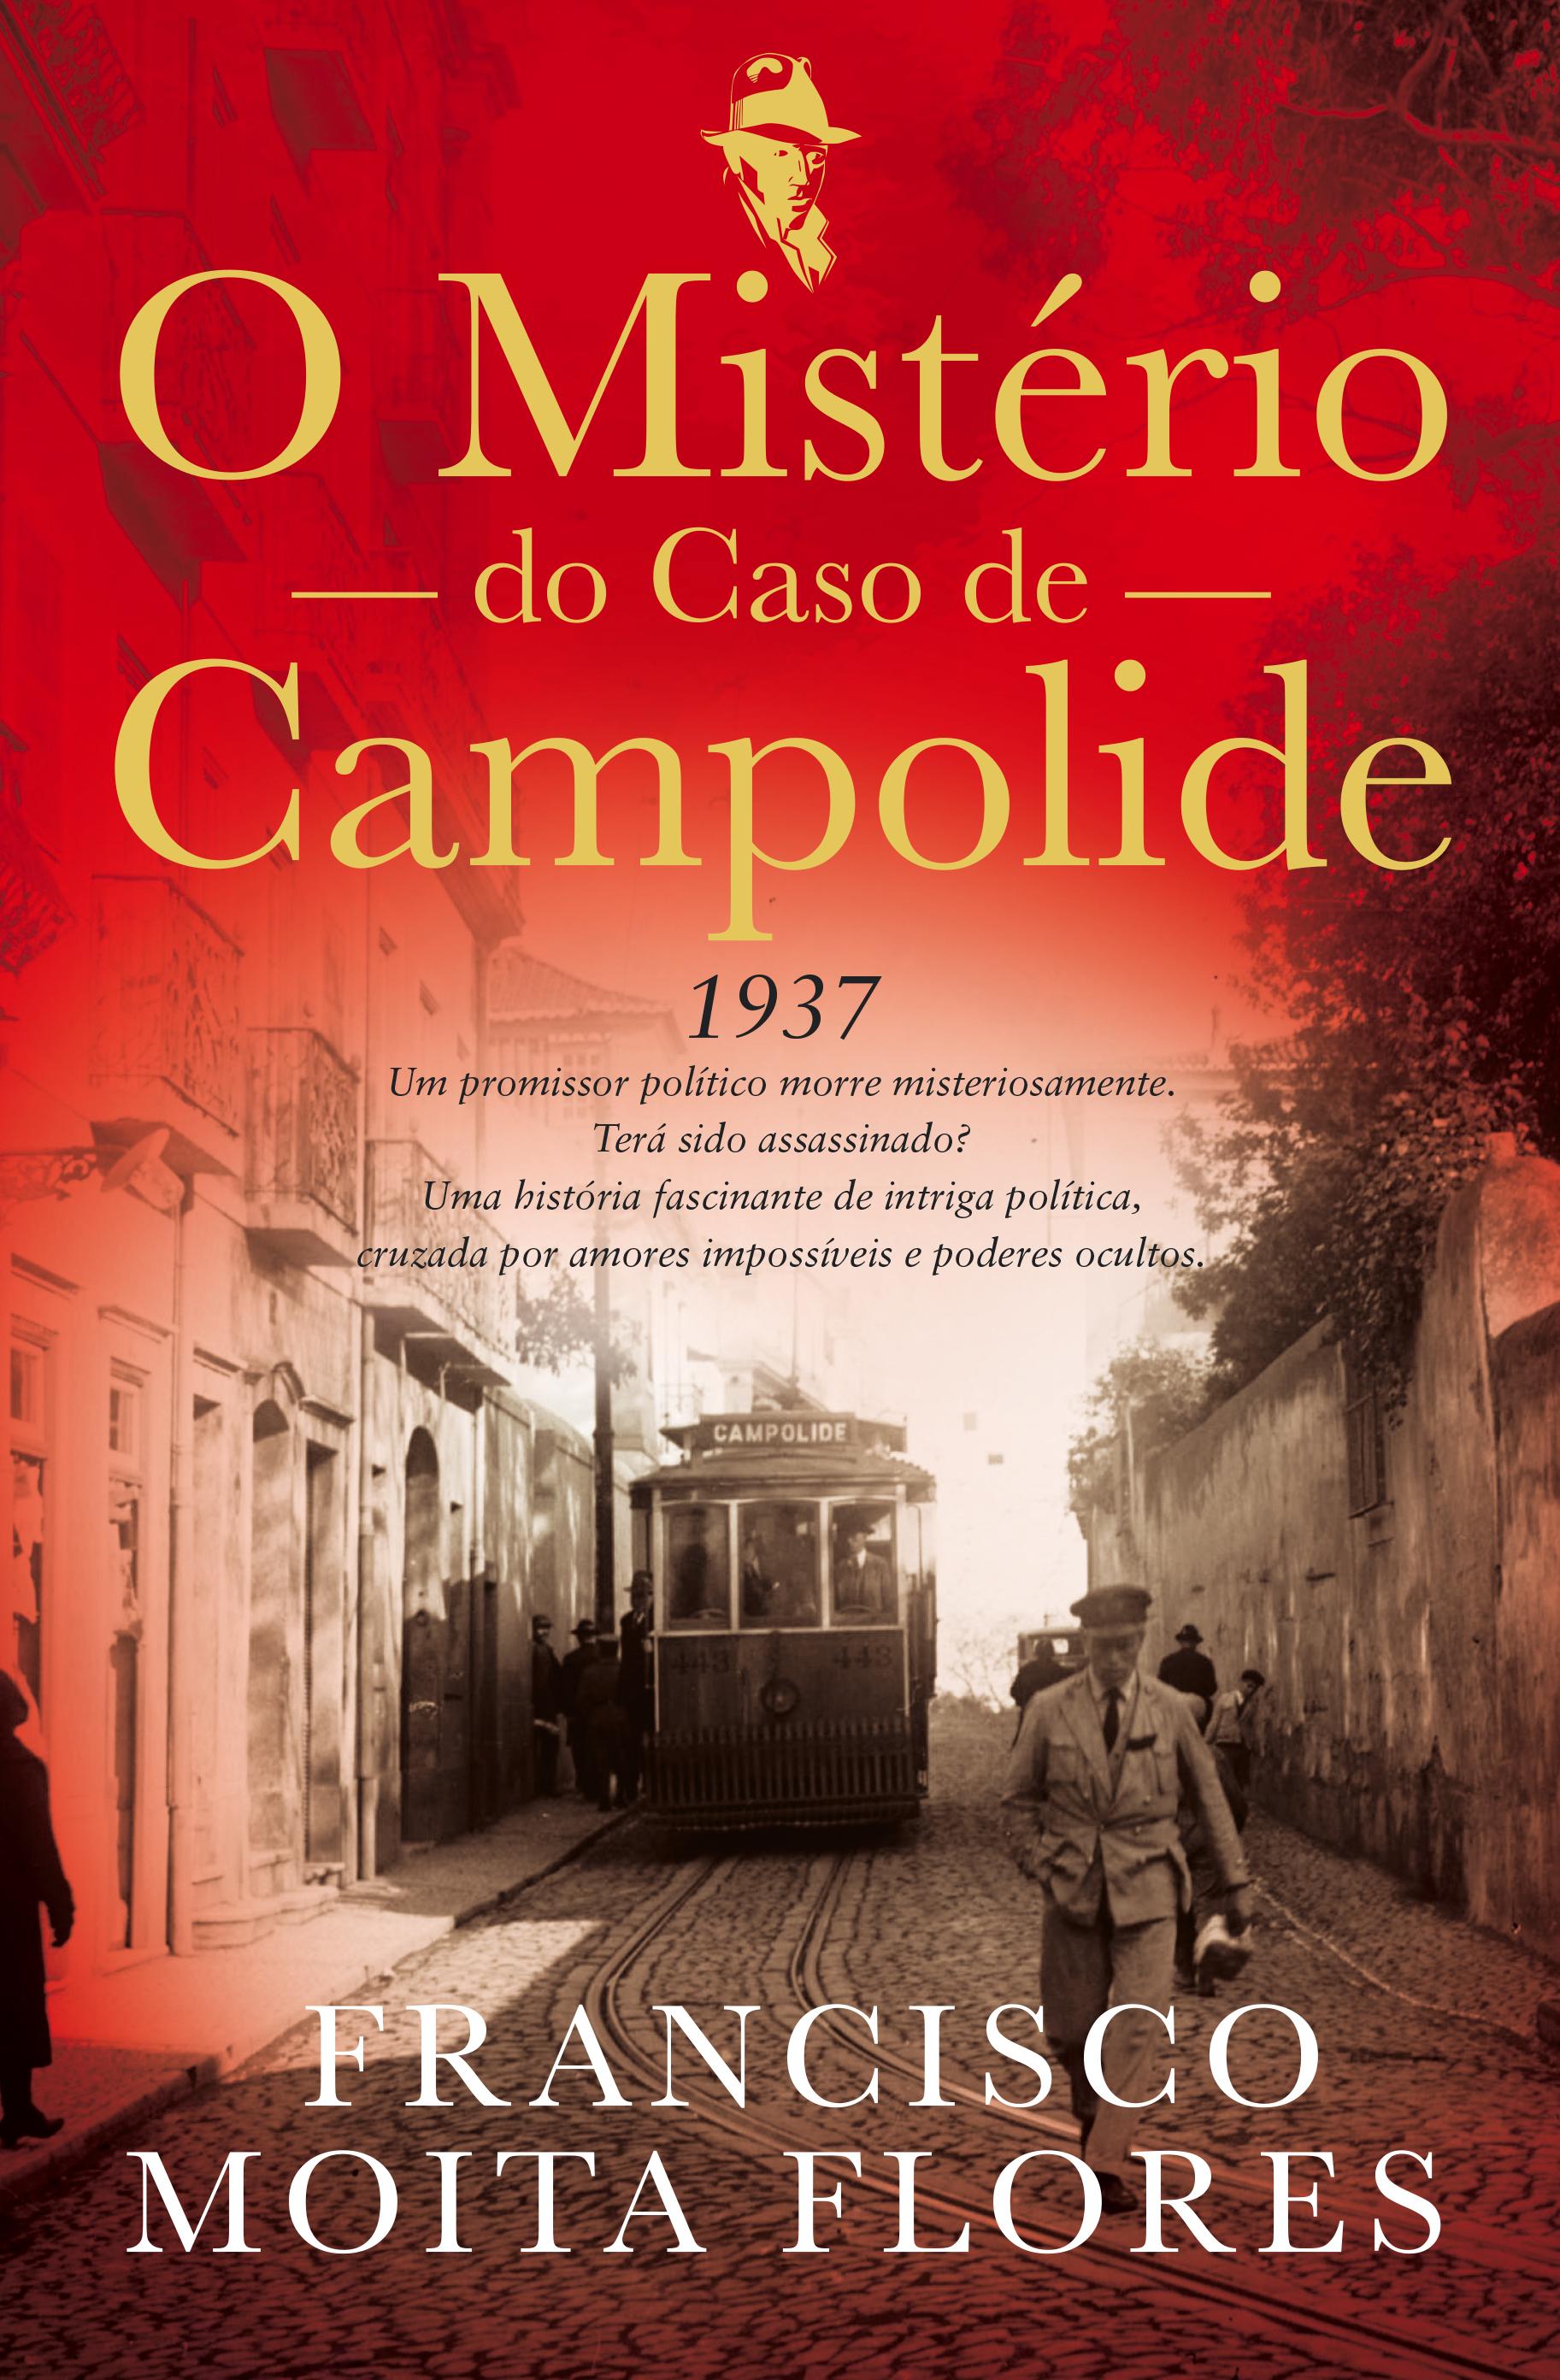 O Mistério do Caso de Campolide